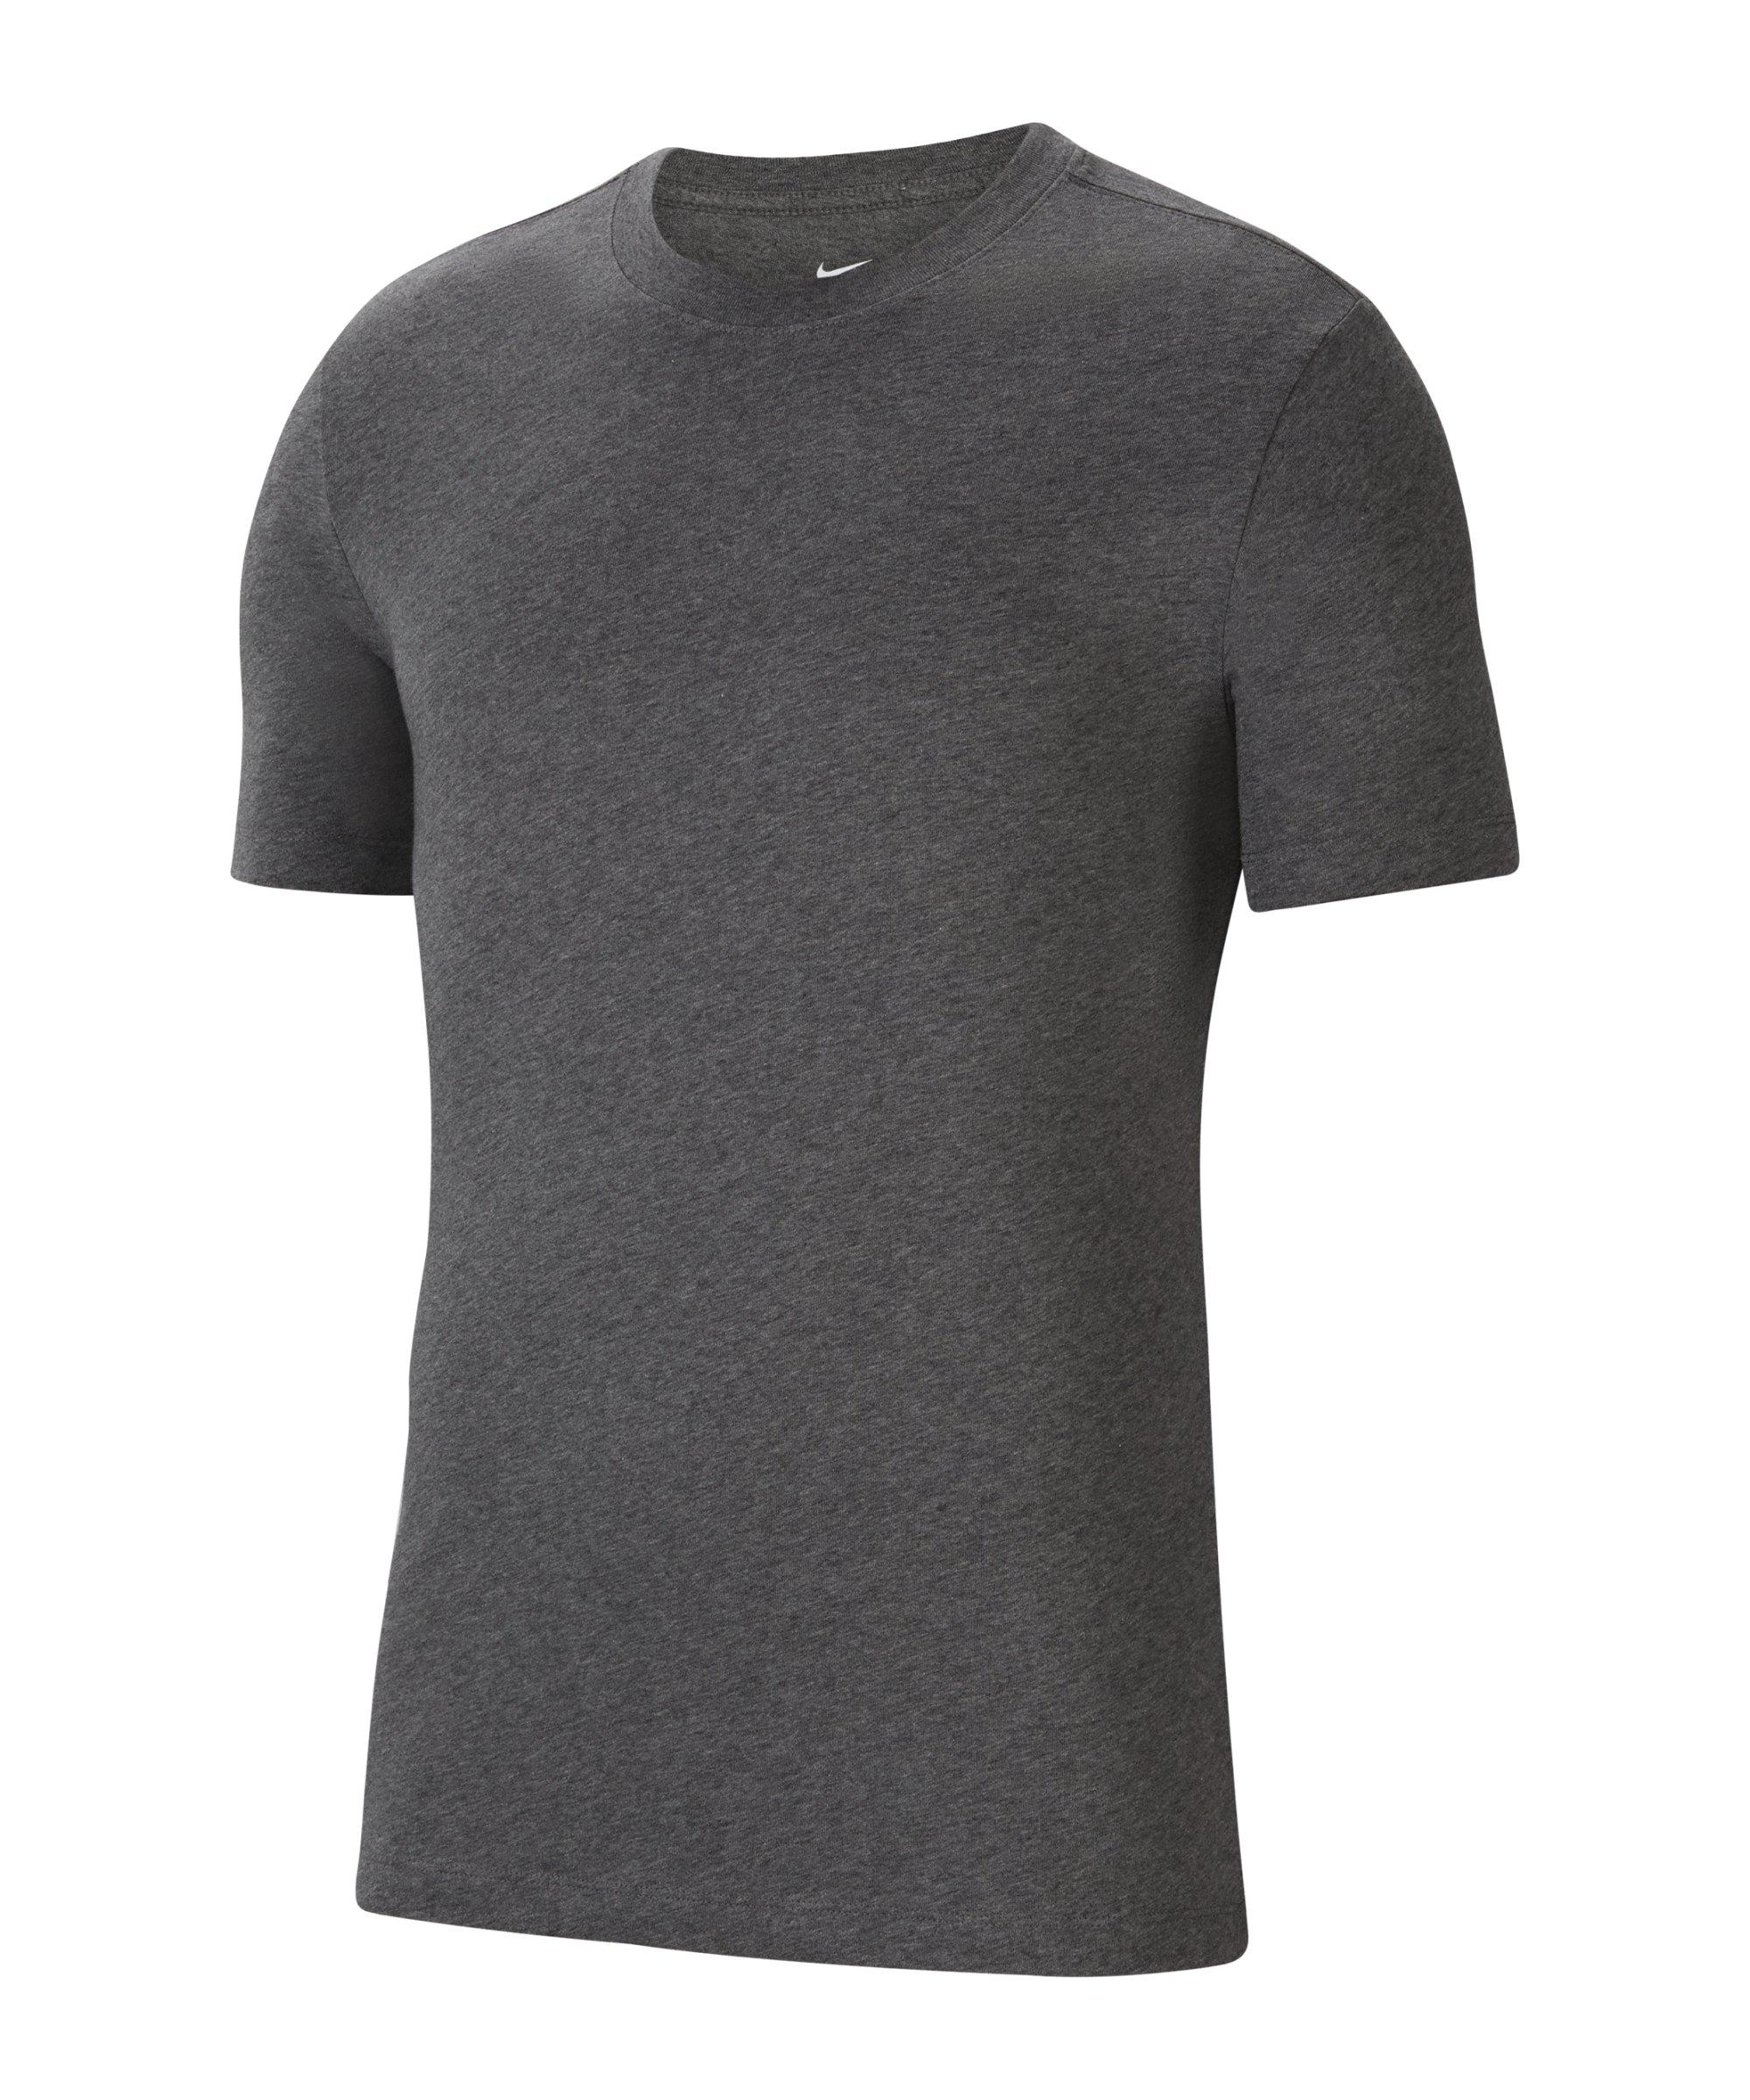 Nike Park 20 T-Shirt Grau Weiss F071 - grau